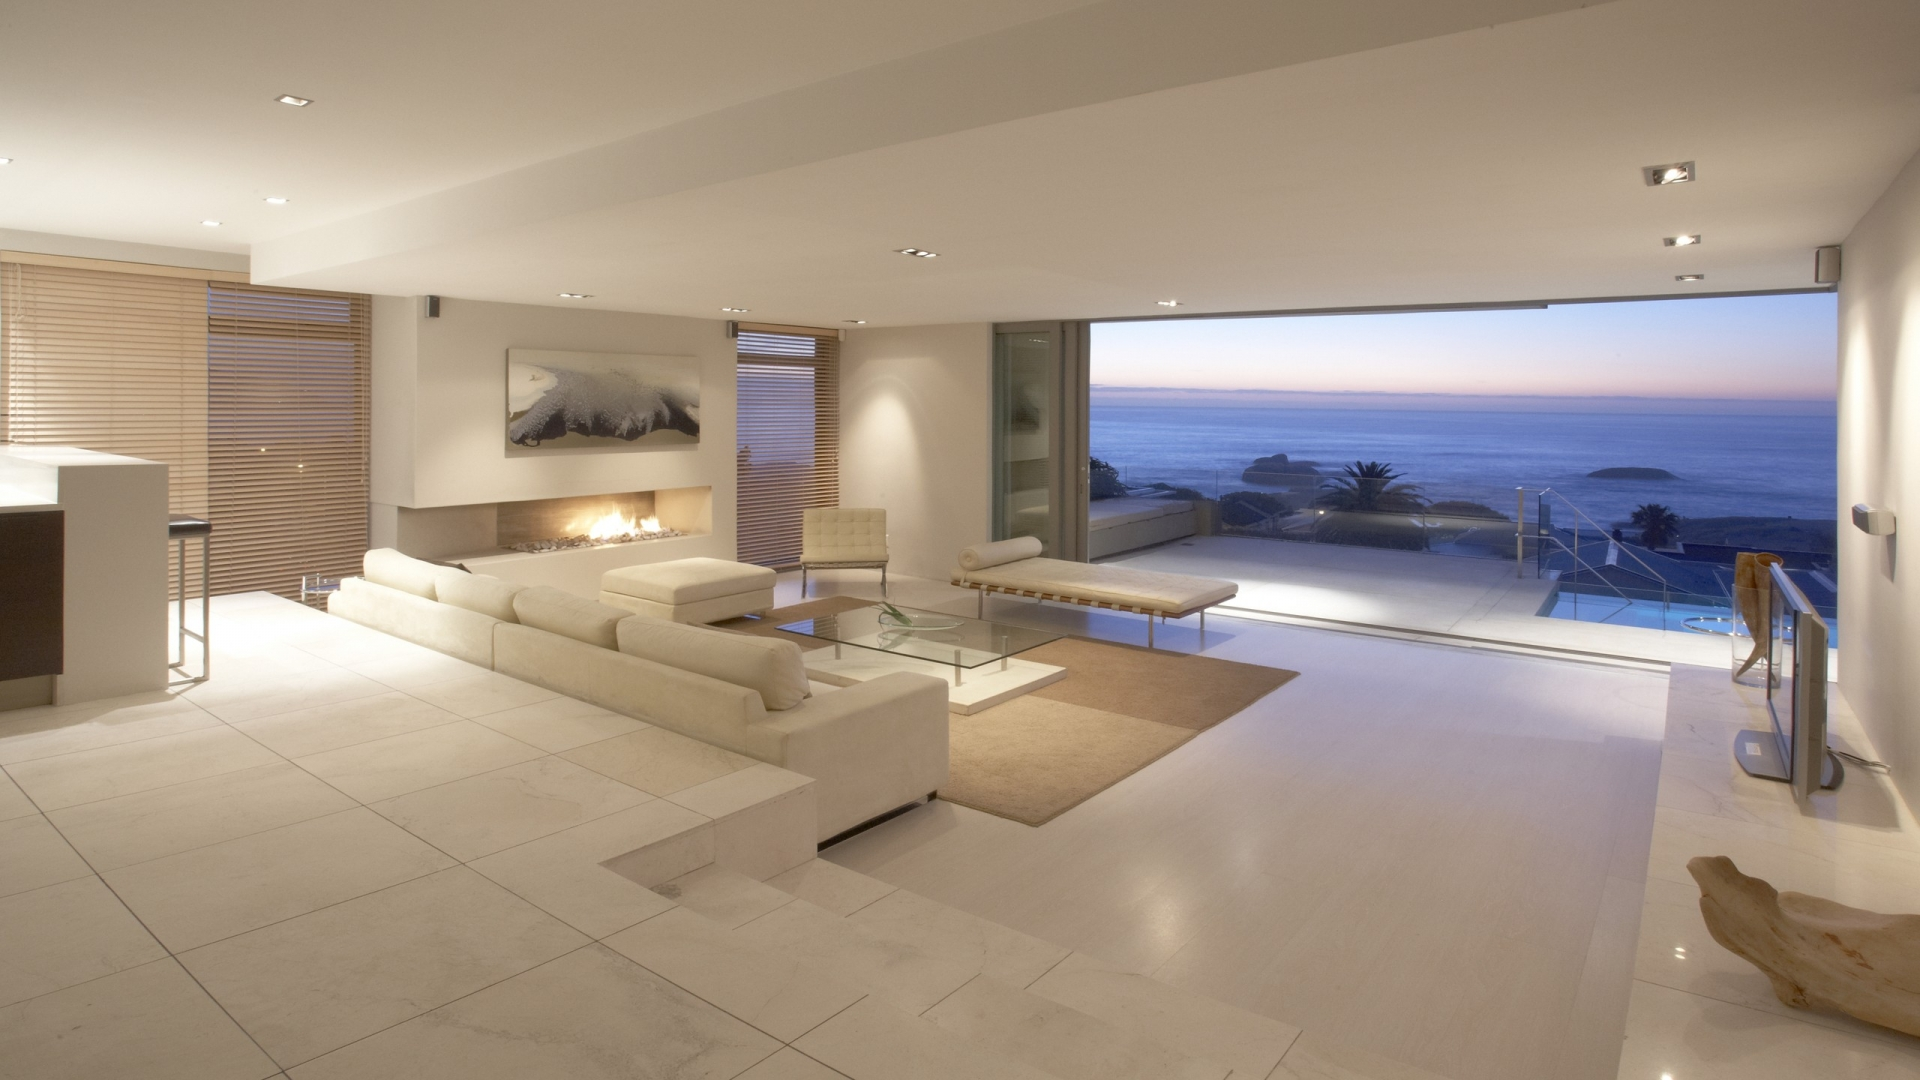 Dise o de una casa de playa hd 1920x1080 imagenes - Diseno de una casa ...